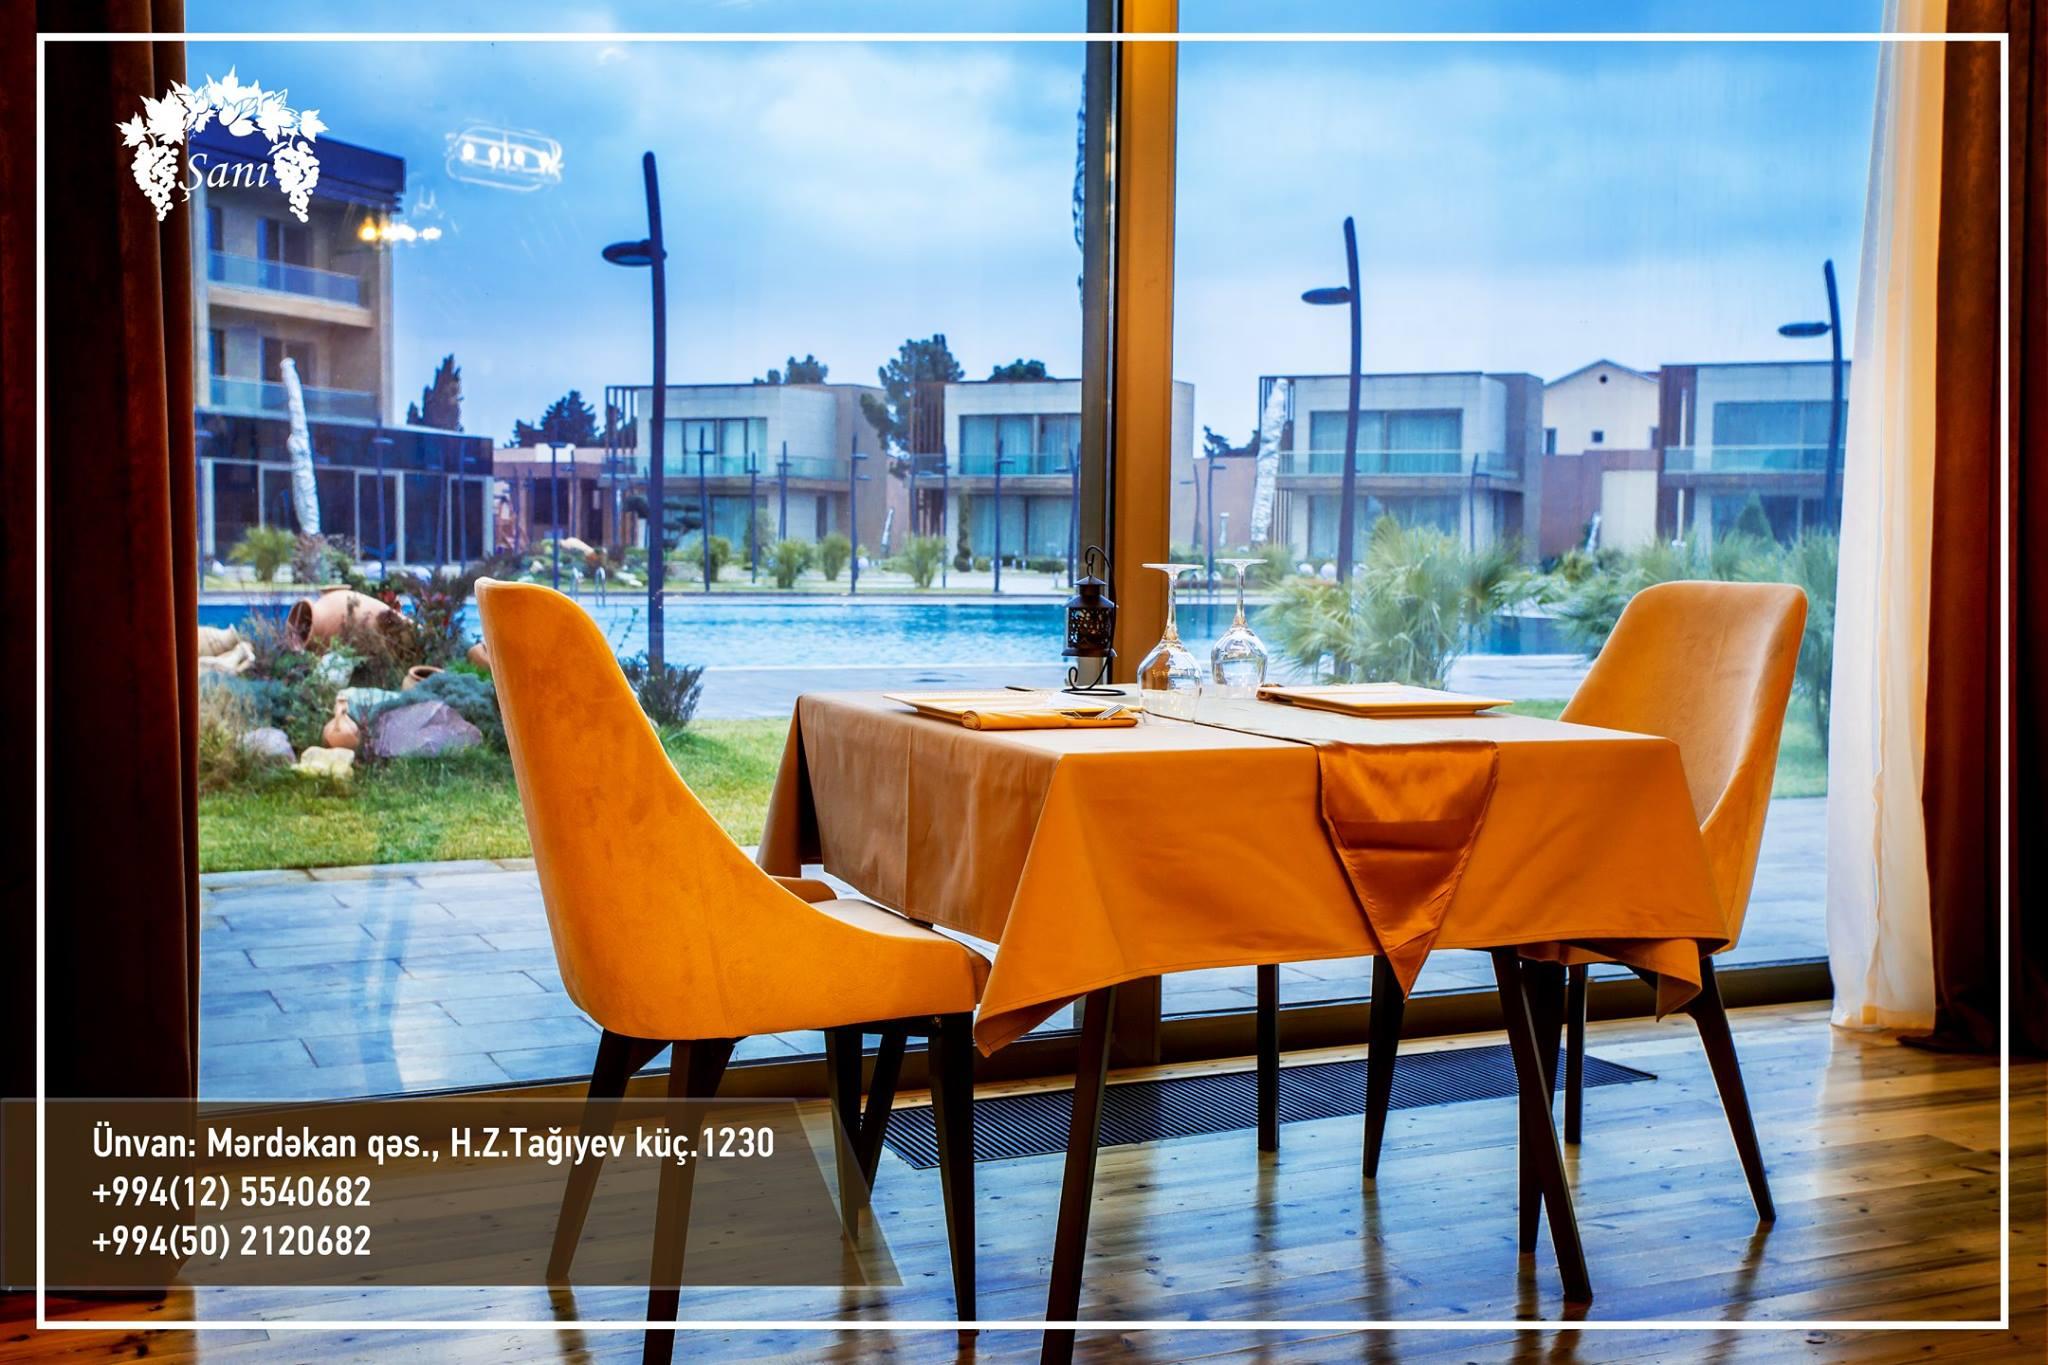 Şani Restoranı